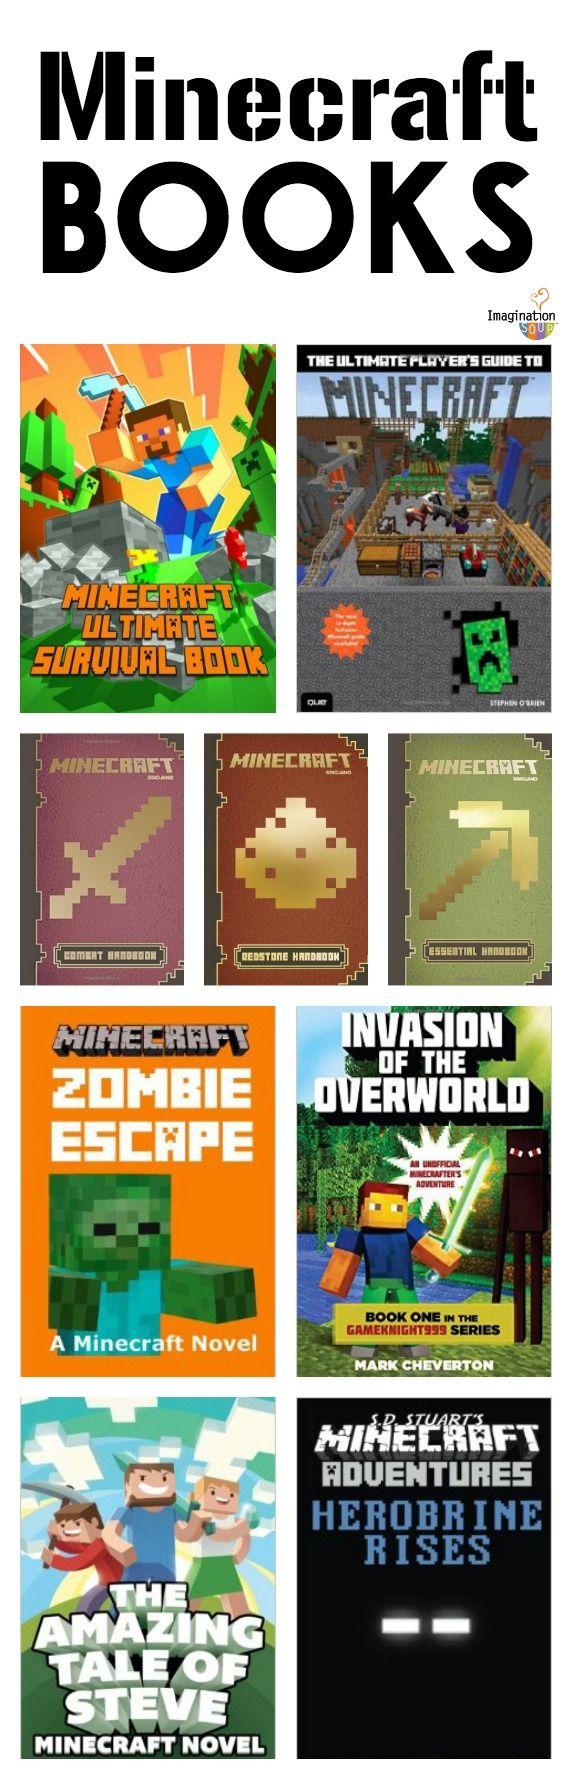 Minecraft books get kids reading!